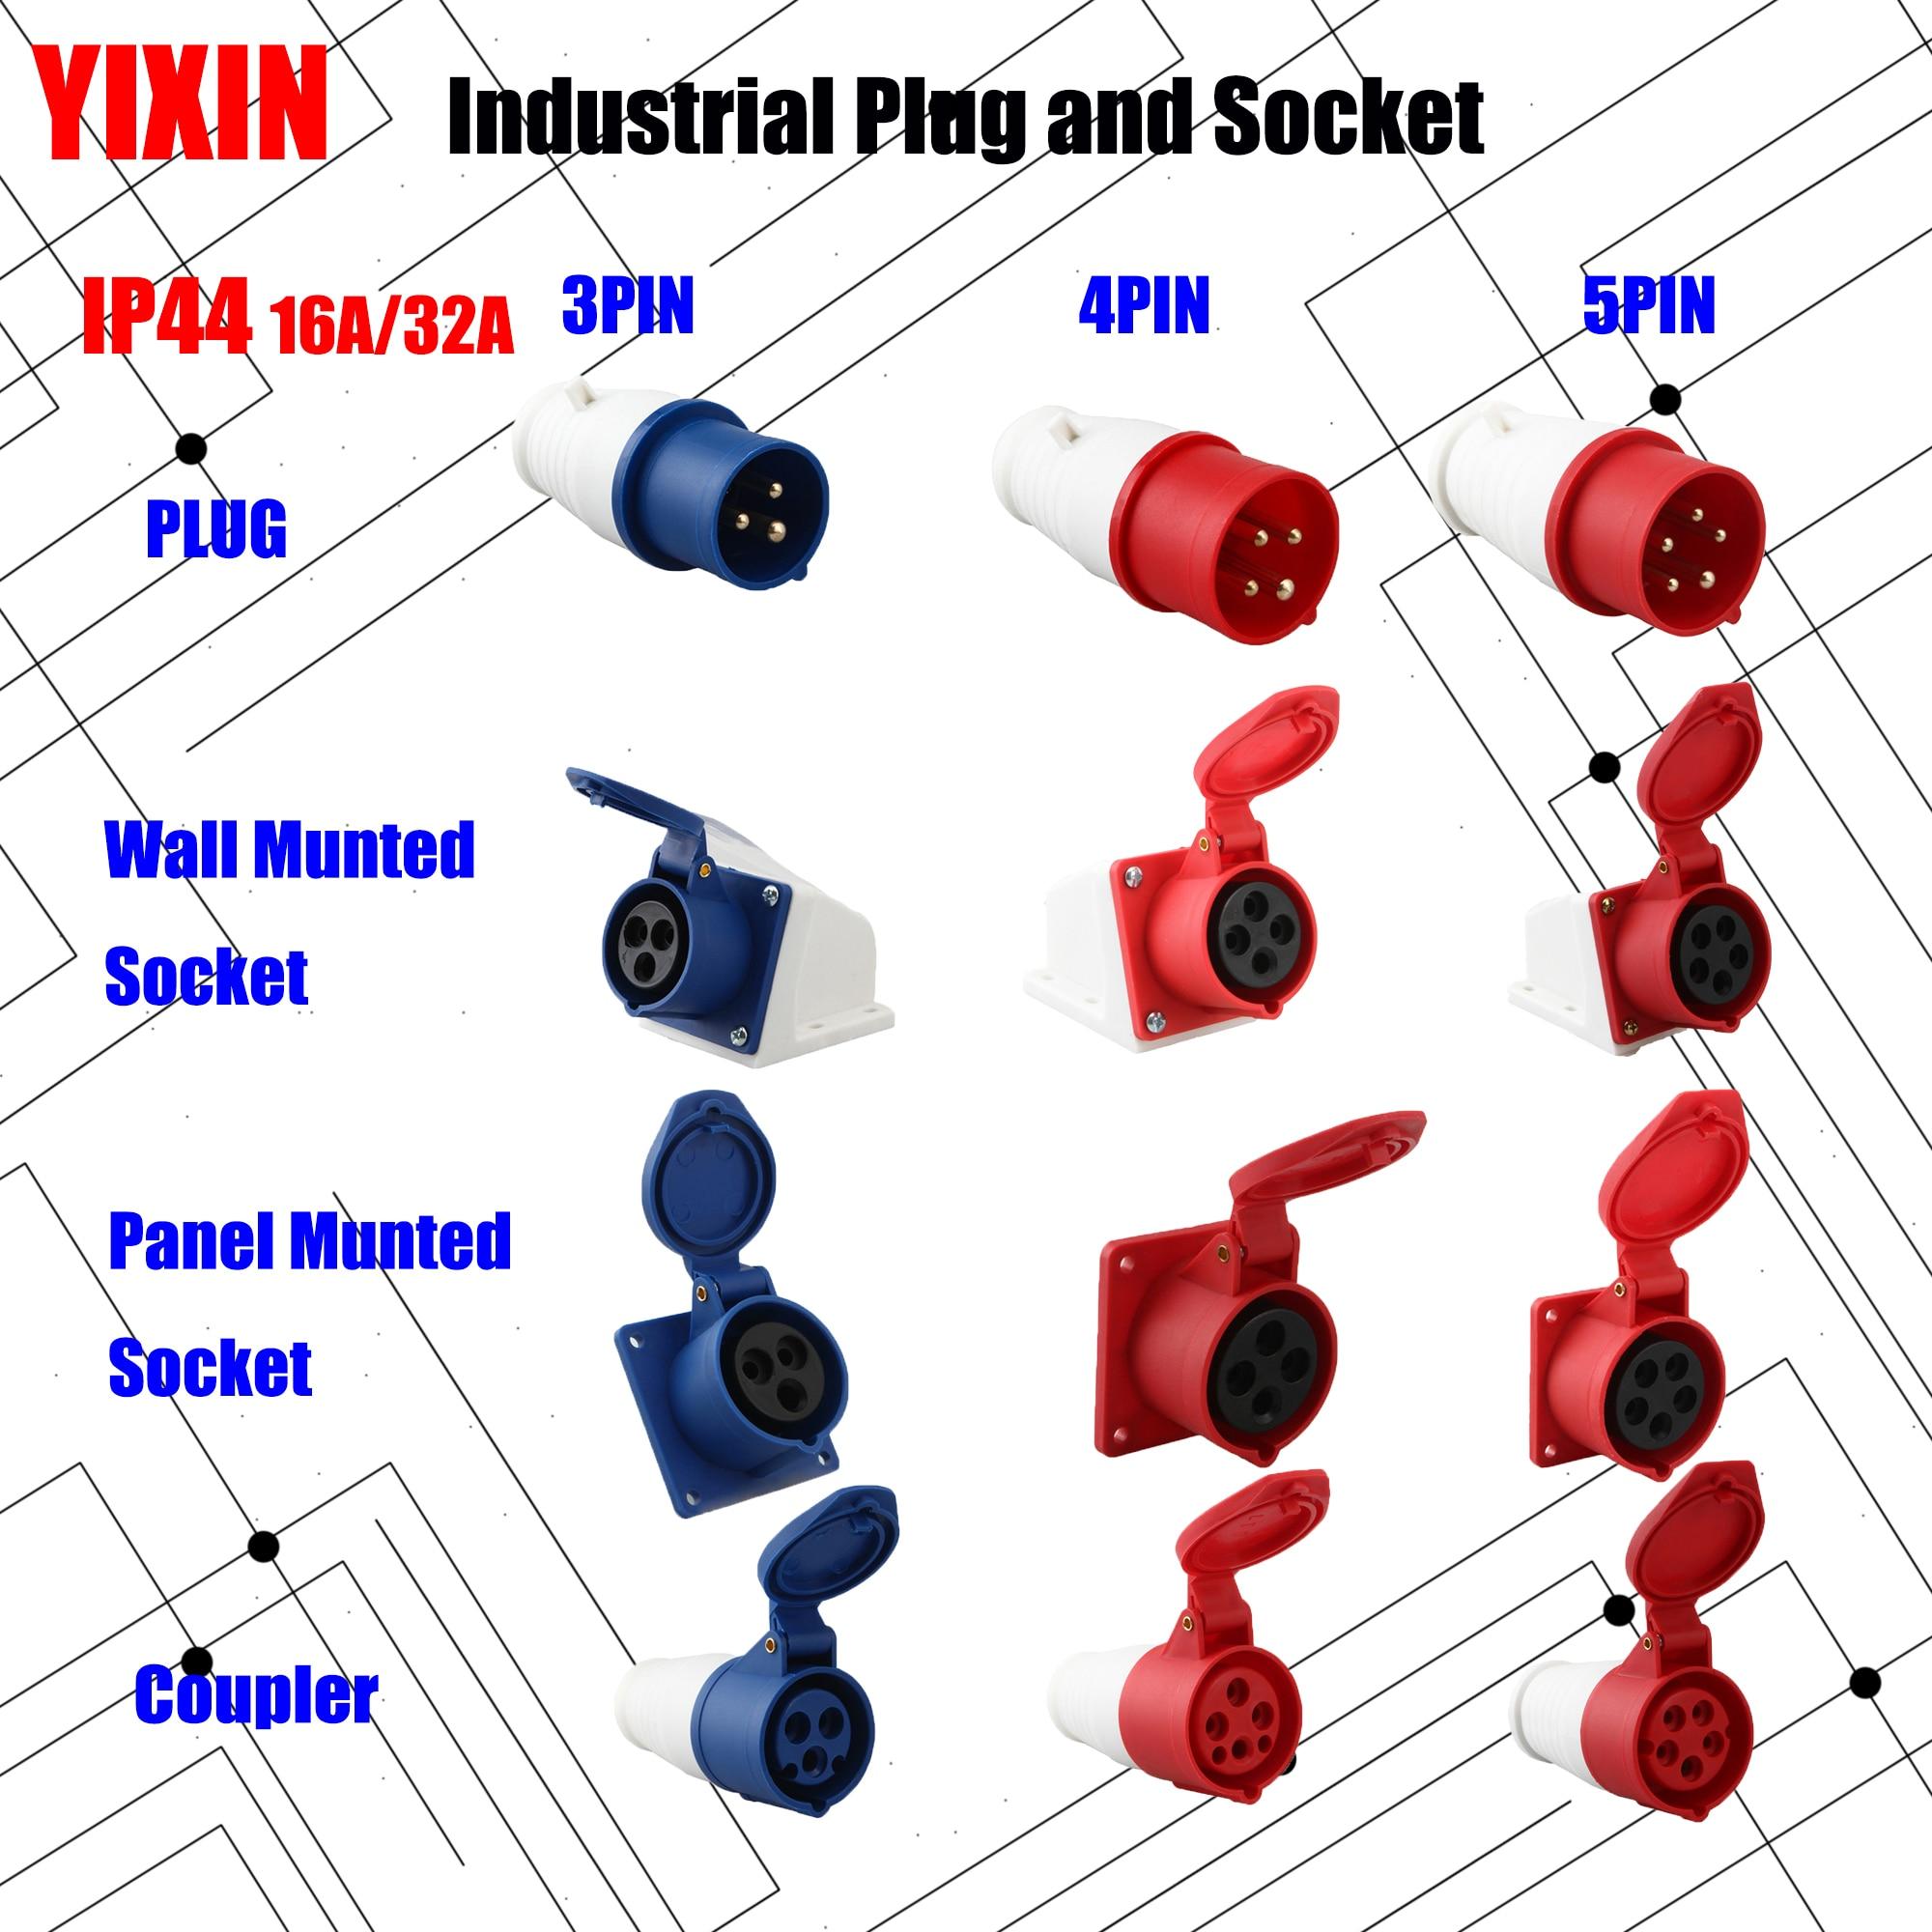 Tomada industrial e soquete 16a 32a 3 pinos 4 pinos 5 pinos ip44 parede montado painel do soquete acoplador montado 220 v 380 v 415 v